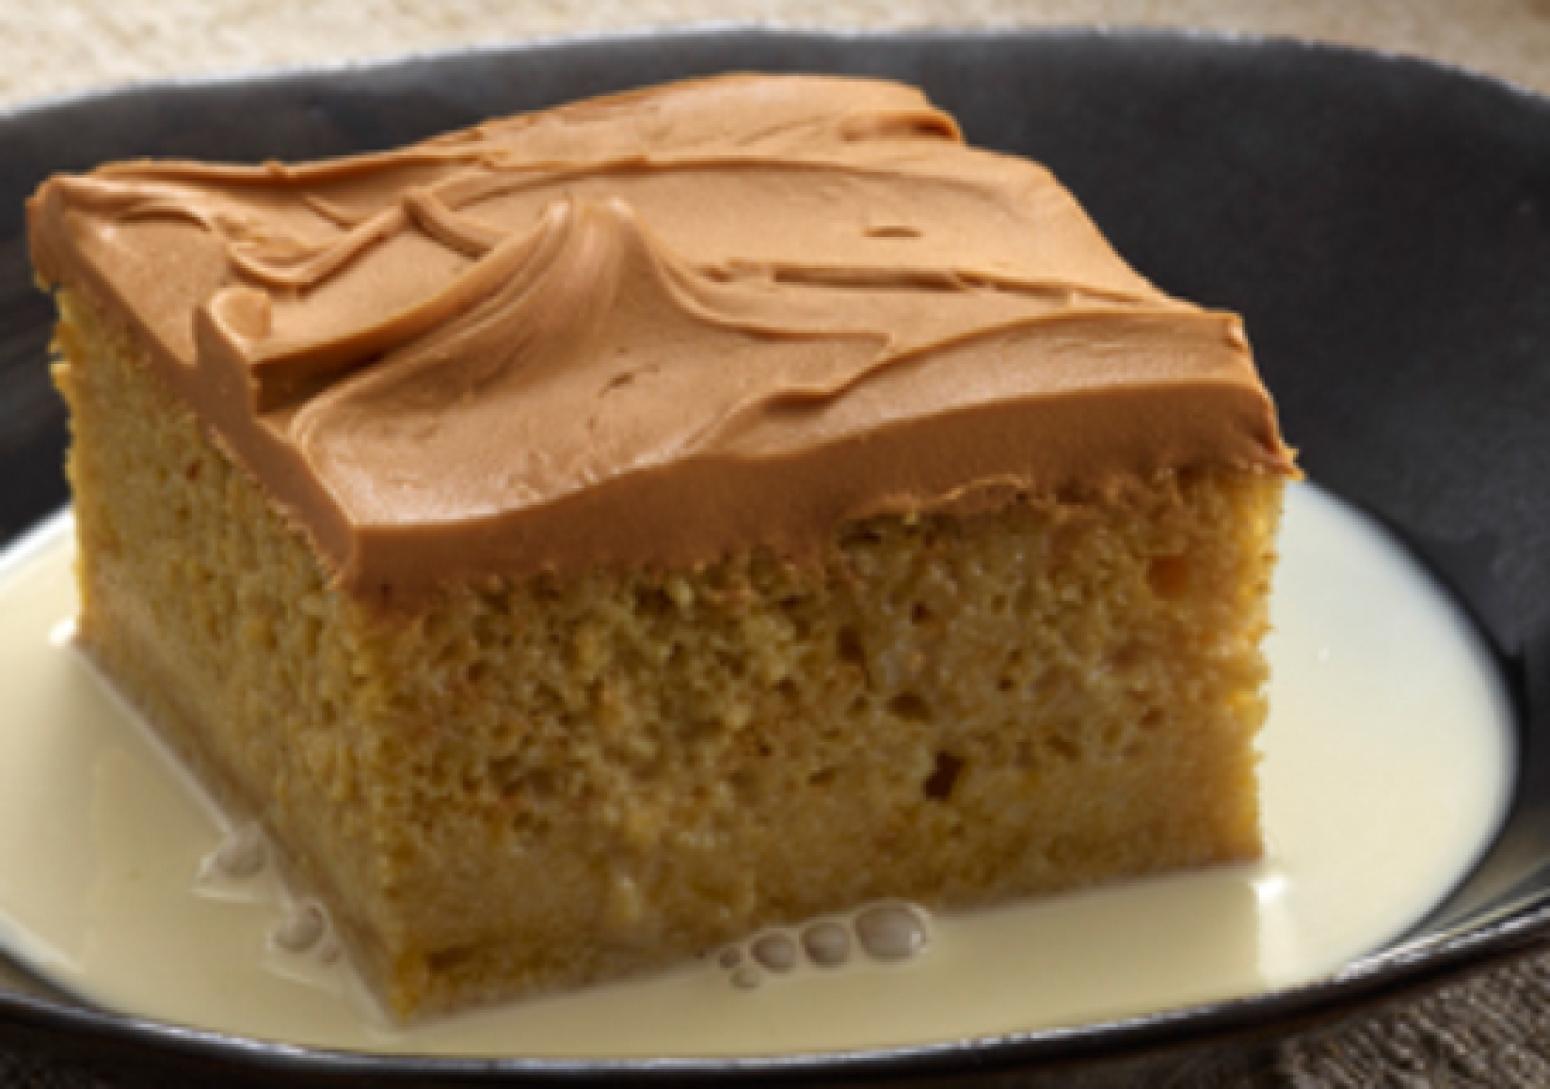 Dulce de Leche Cake Recipe 3 | Just A Pinch Recipes